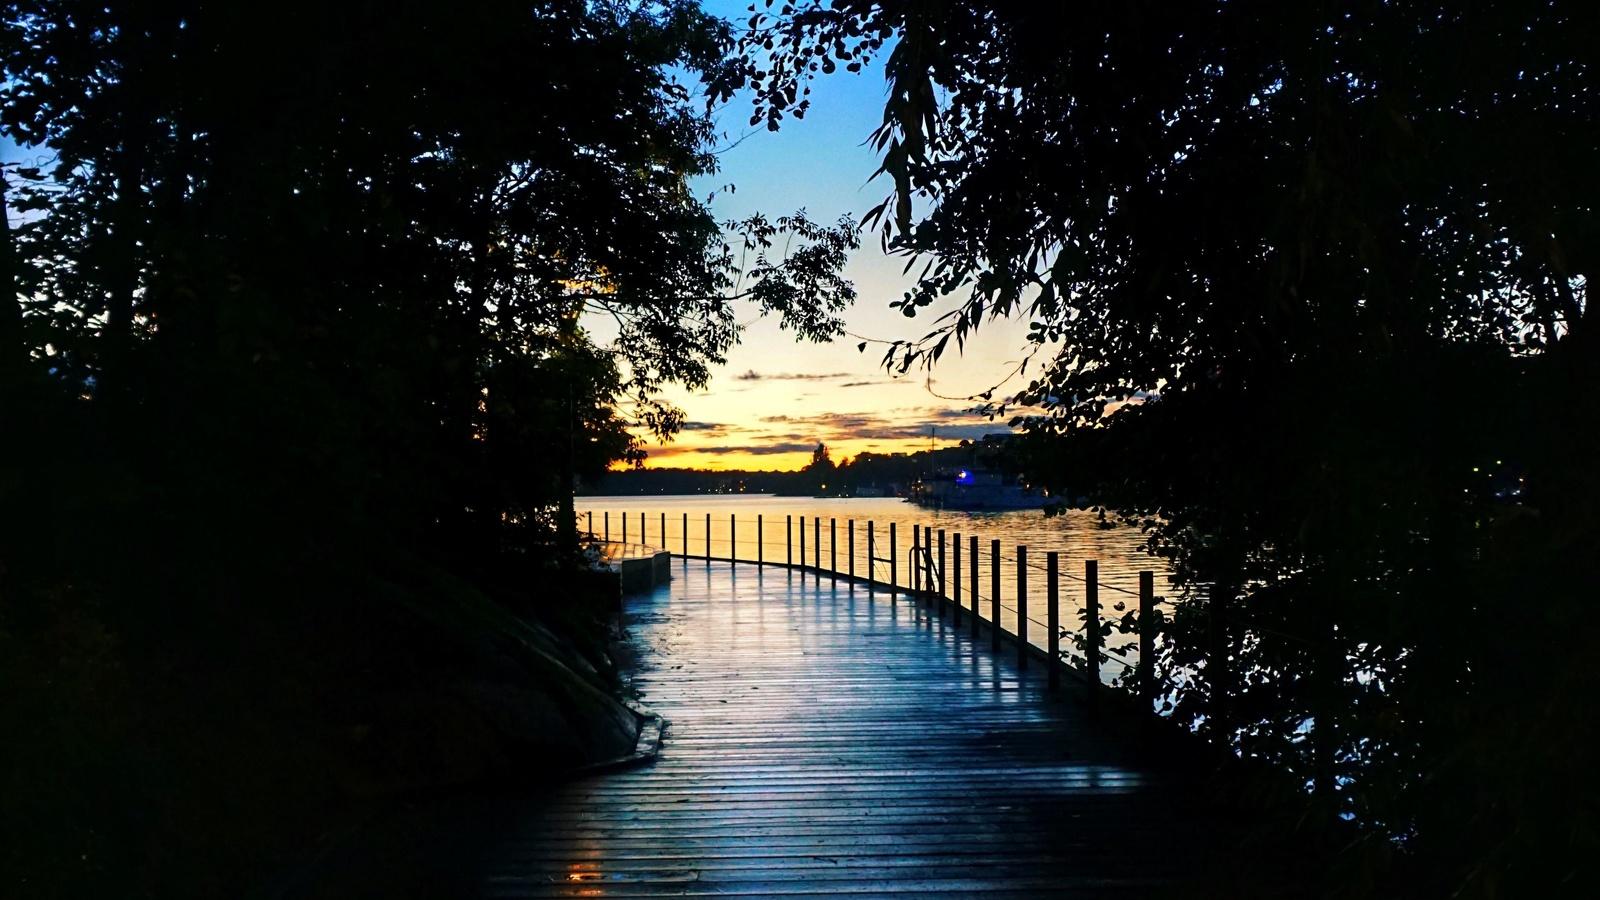 мост, деревянный, закат, темный